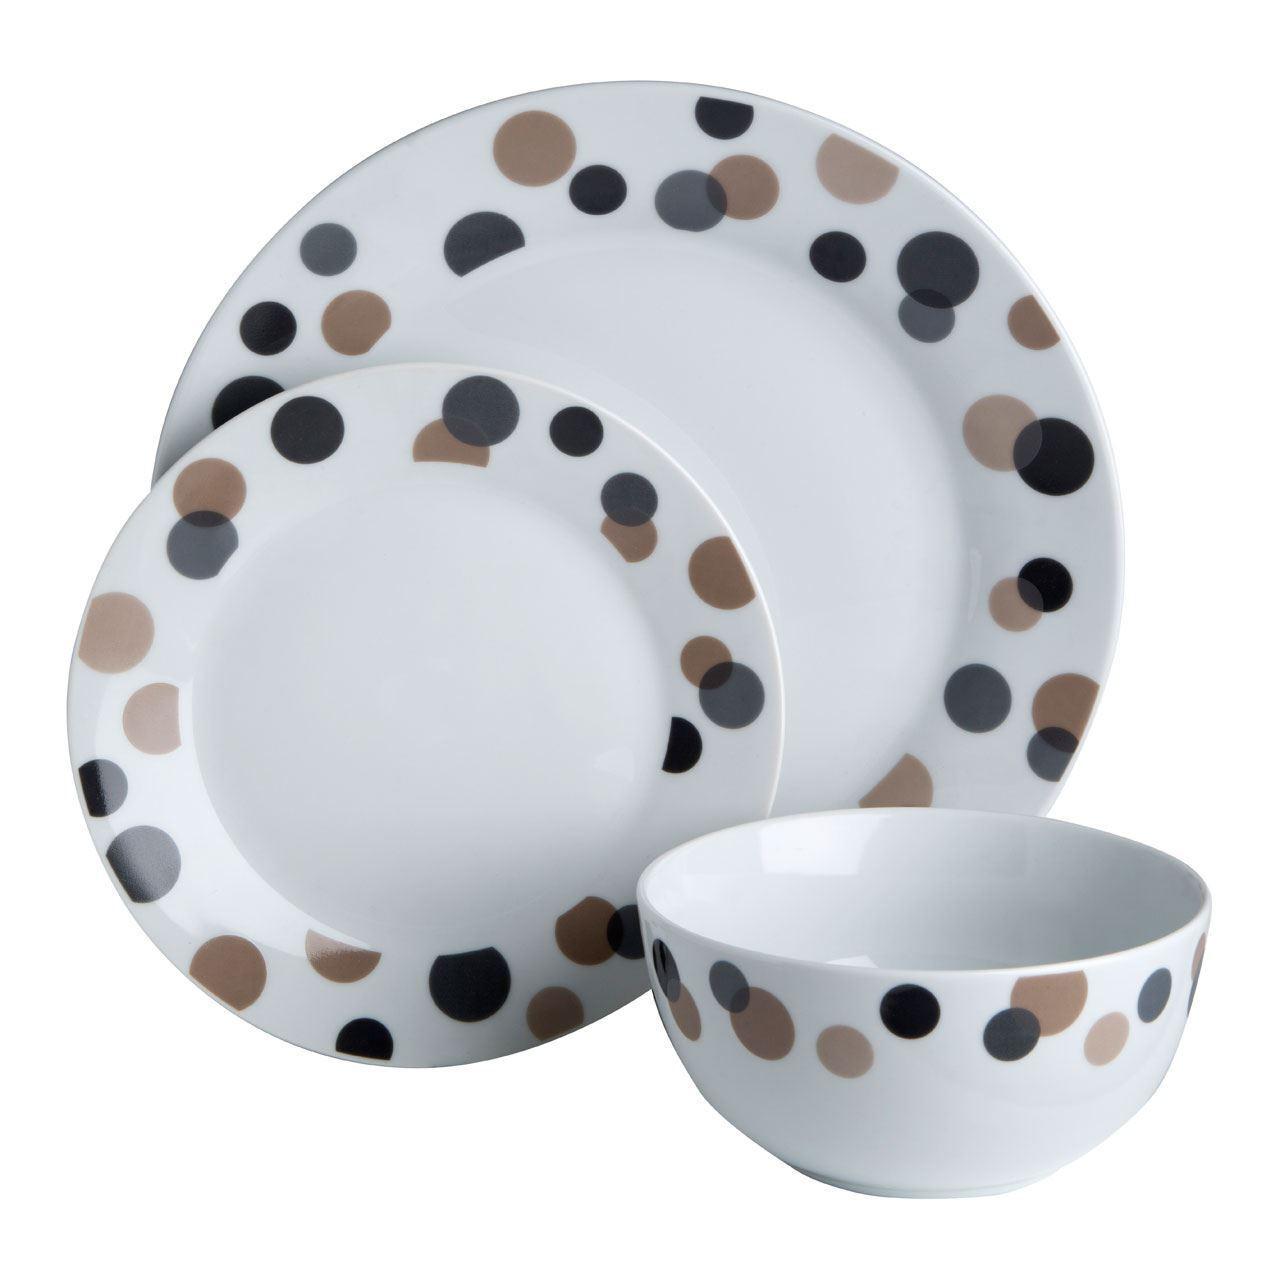 Premier Housewares 12pc Luna Dinner Set, Porcelain